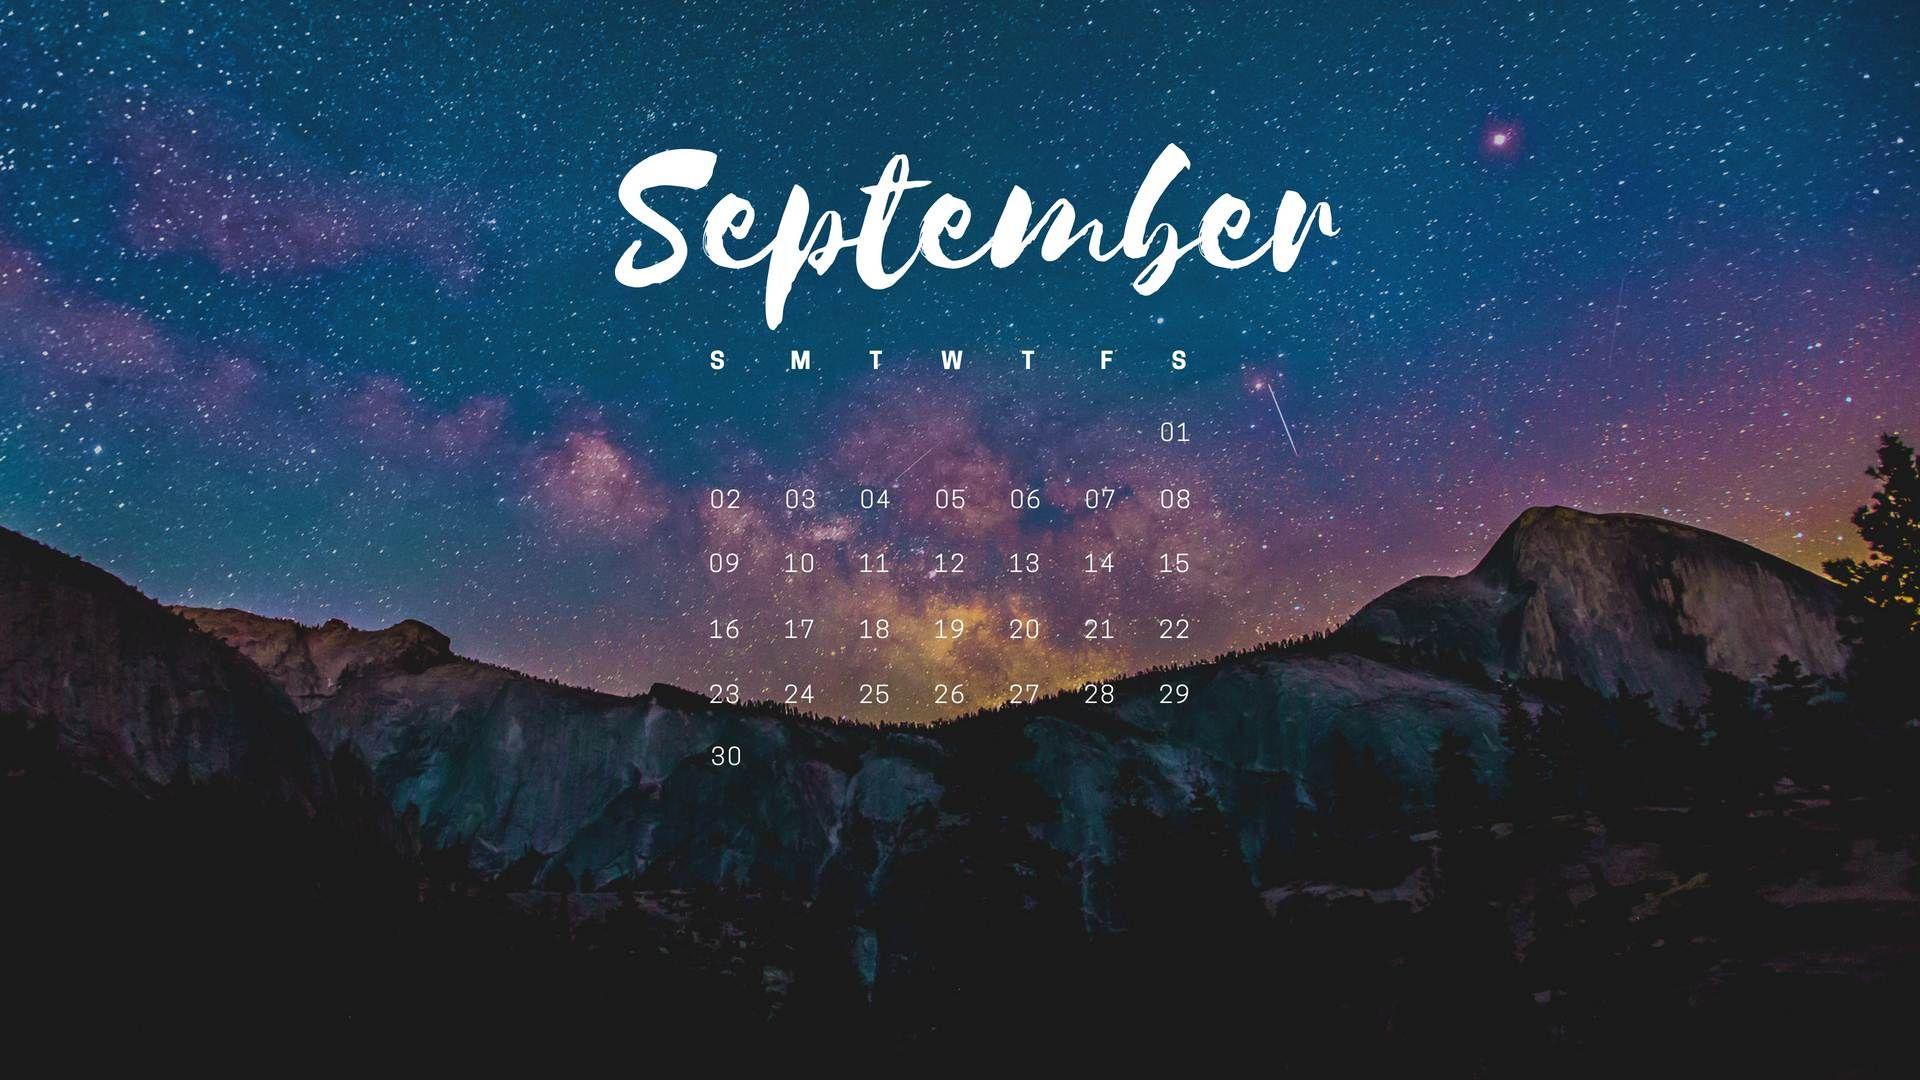 Free September 2018 Pc Wallpaper September Wallpaper Calendar Wallpaper Desktop Wallpaper Calendar